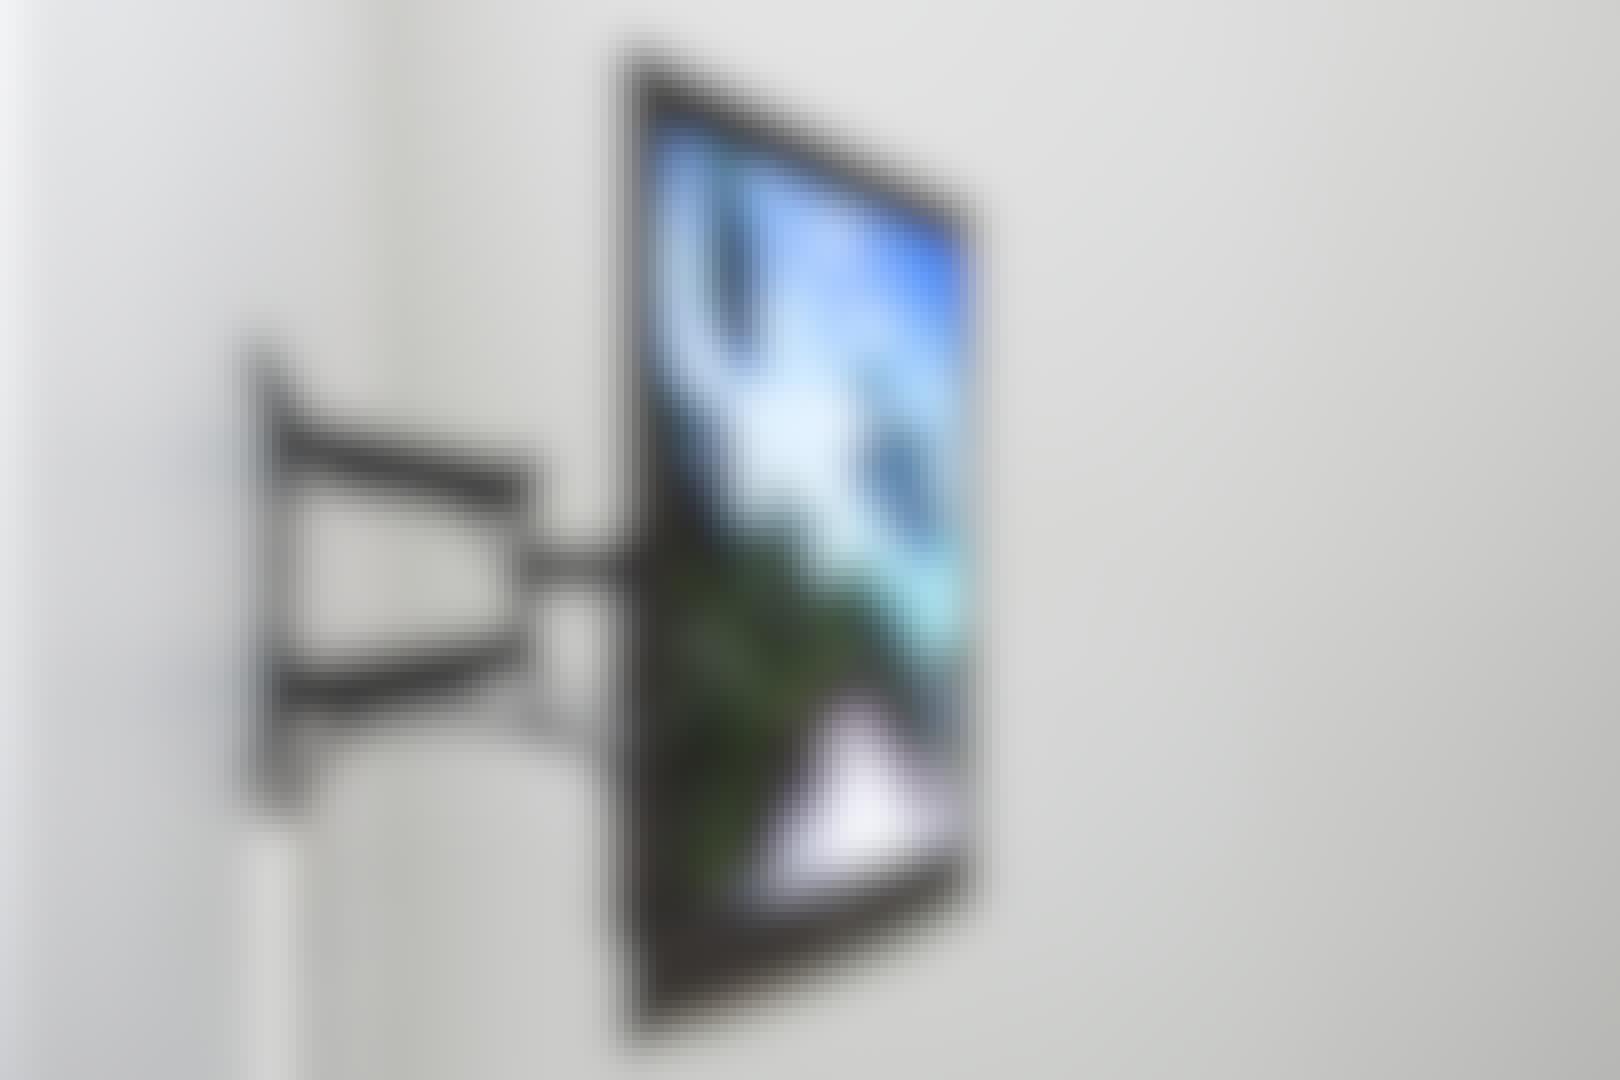 Hvis TV-en skal henge på veggen, er det viktig at du vet hva veggen er laget av, slik at du bruker plugger som kan tåle den store belastningen.